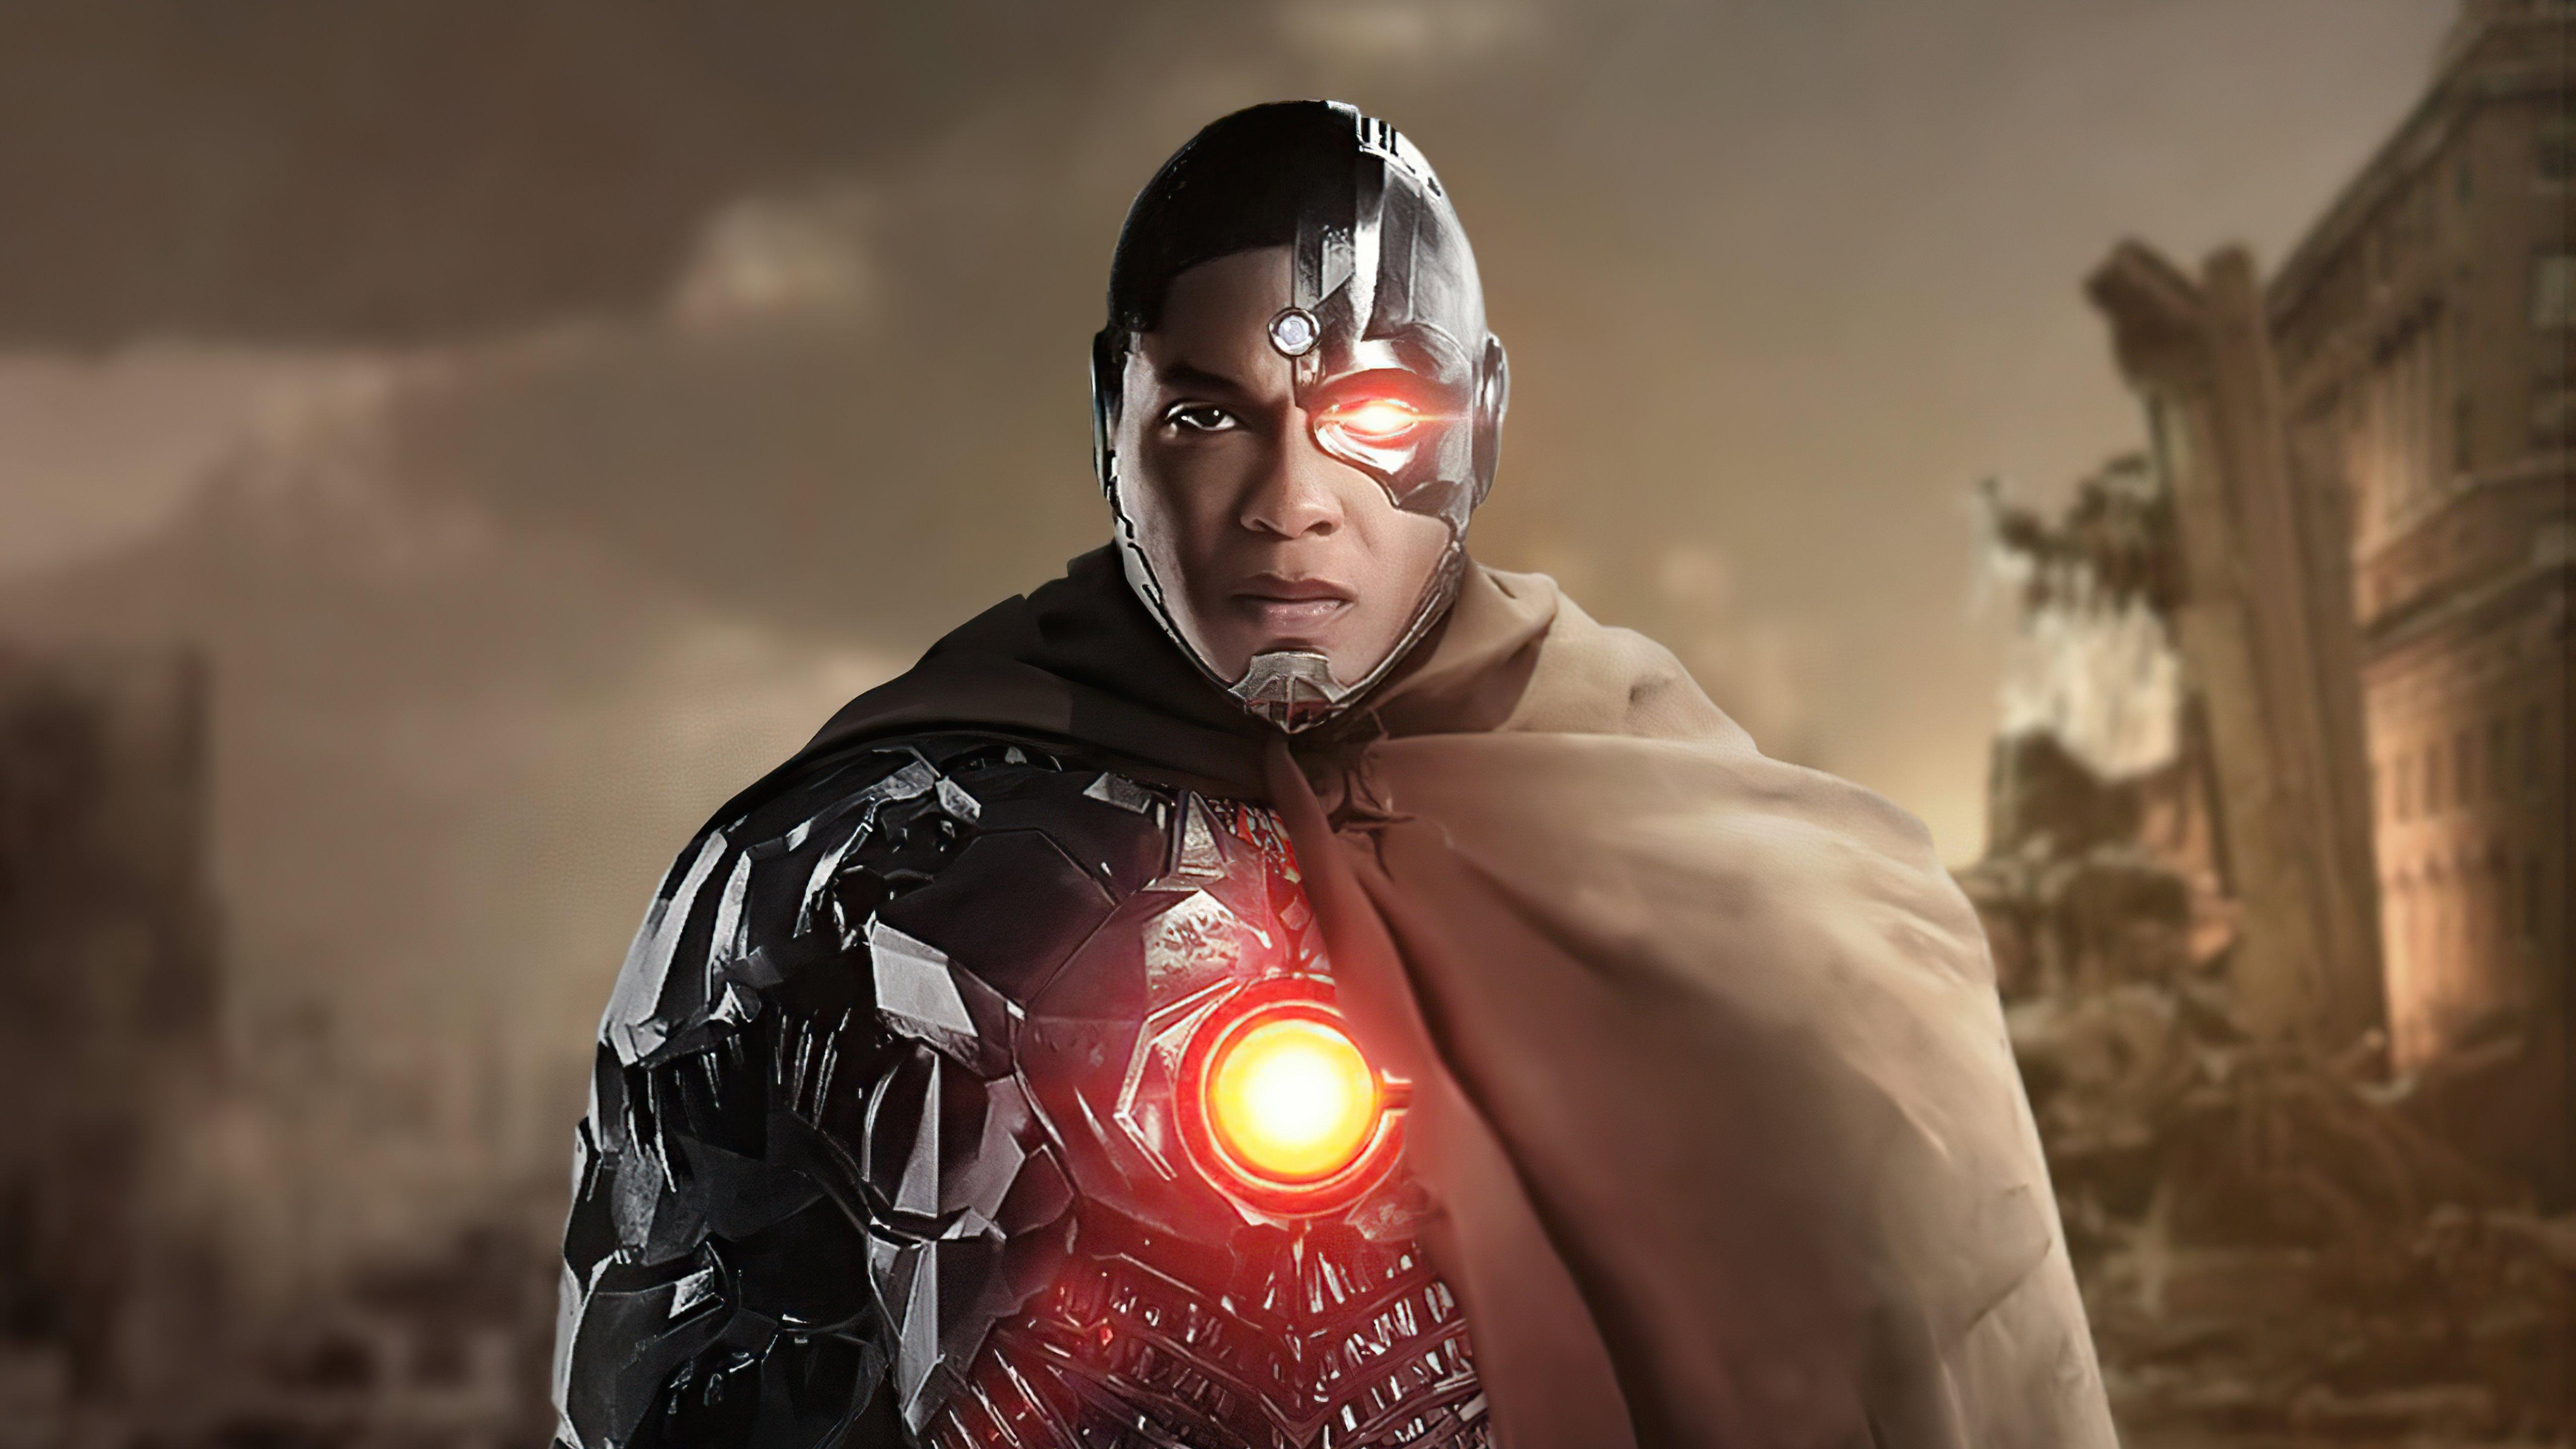 Fondos de pantalla Knightmare Cyborg